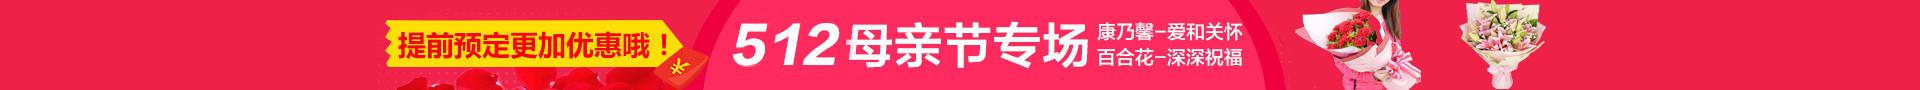 北京鲜花速递网母亲节鲜花预定,母亲节鲜花速递,2小时免费送花上门